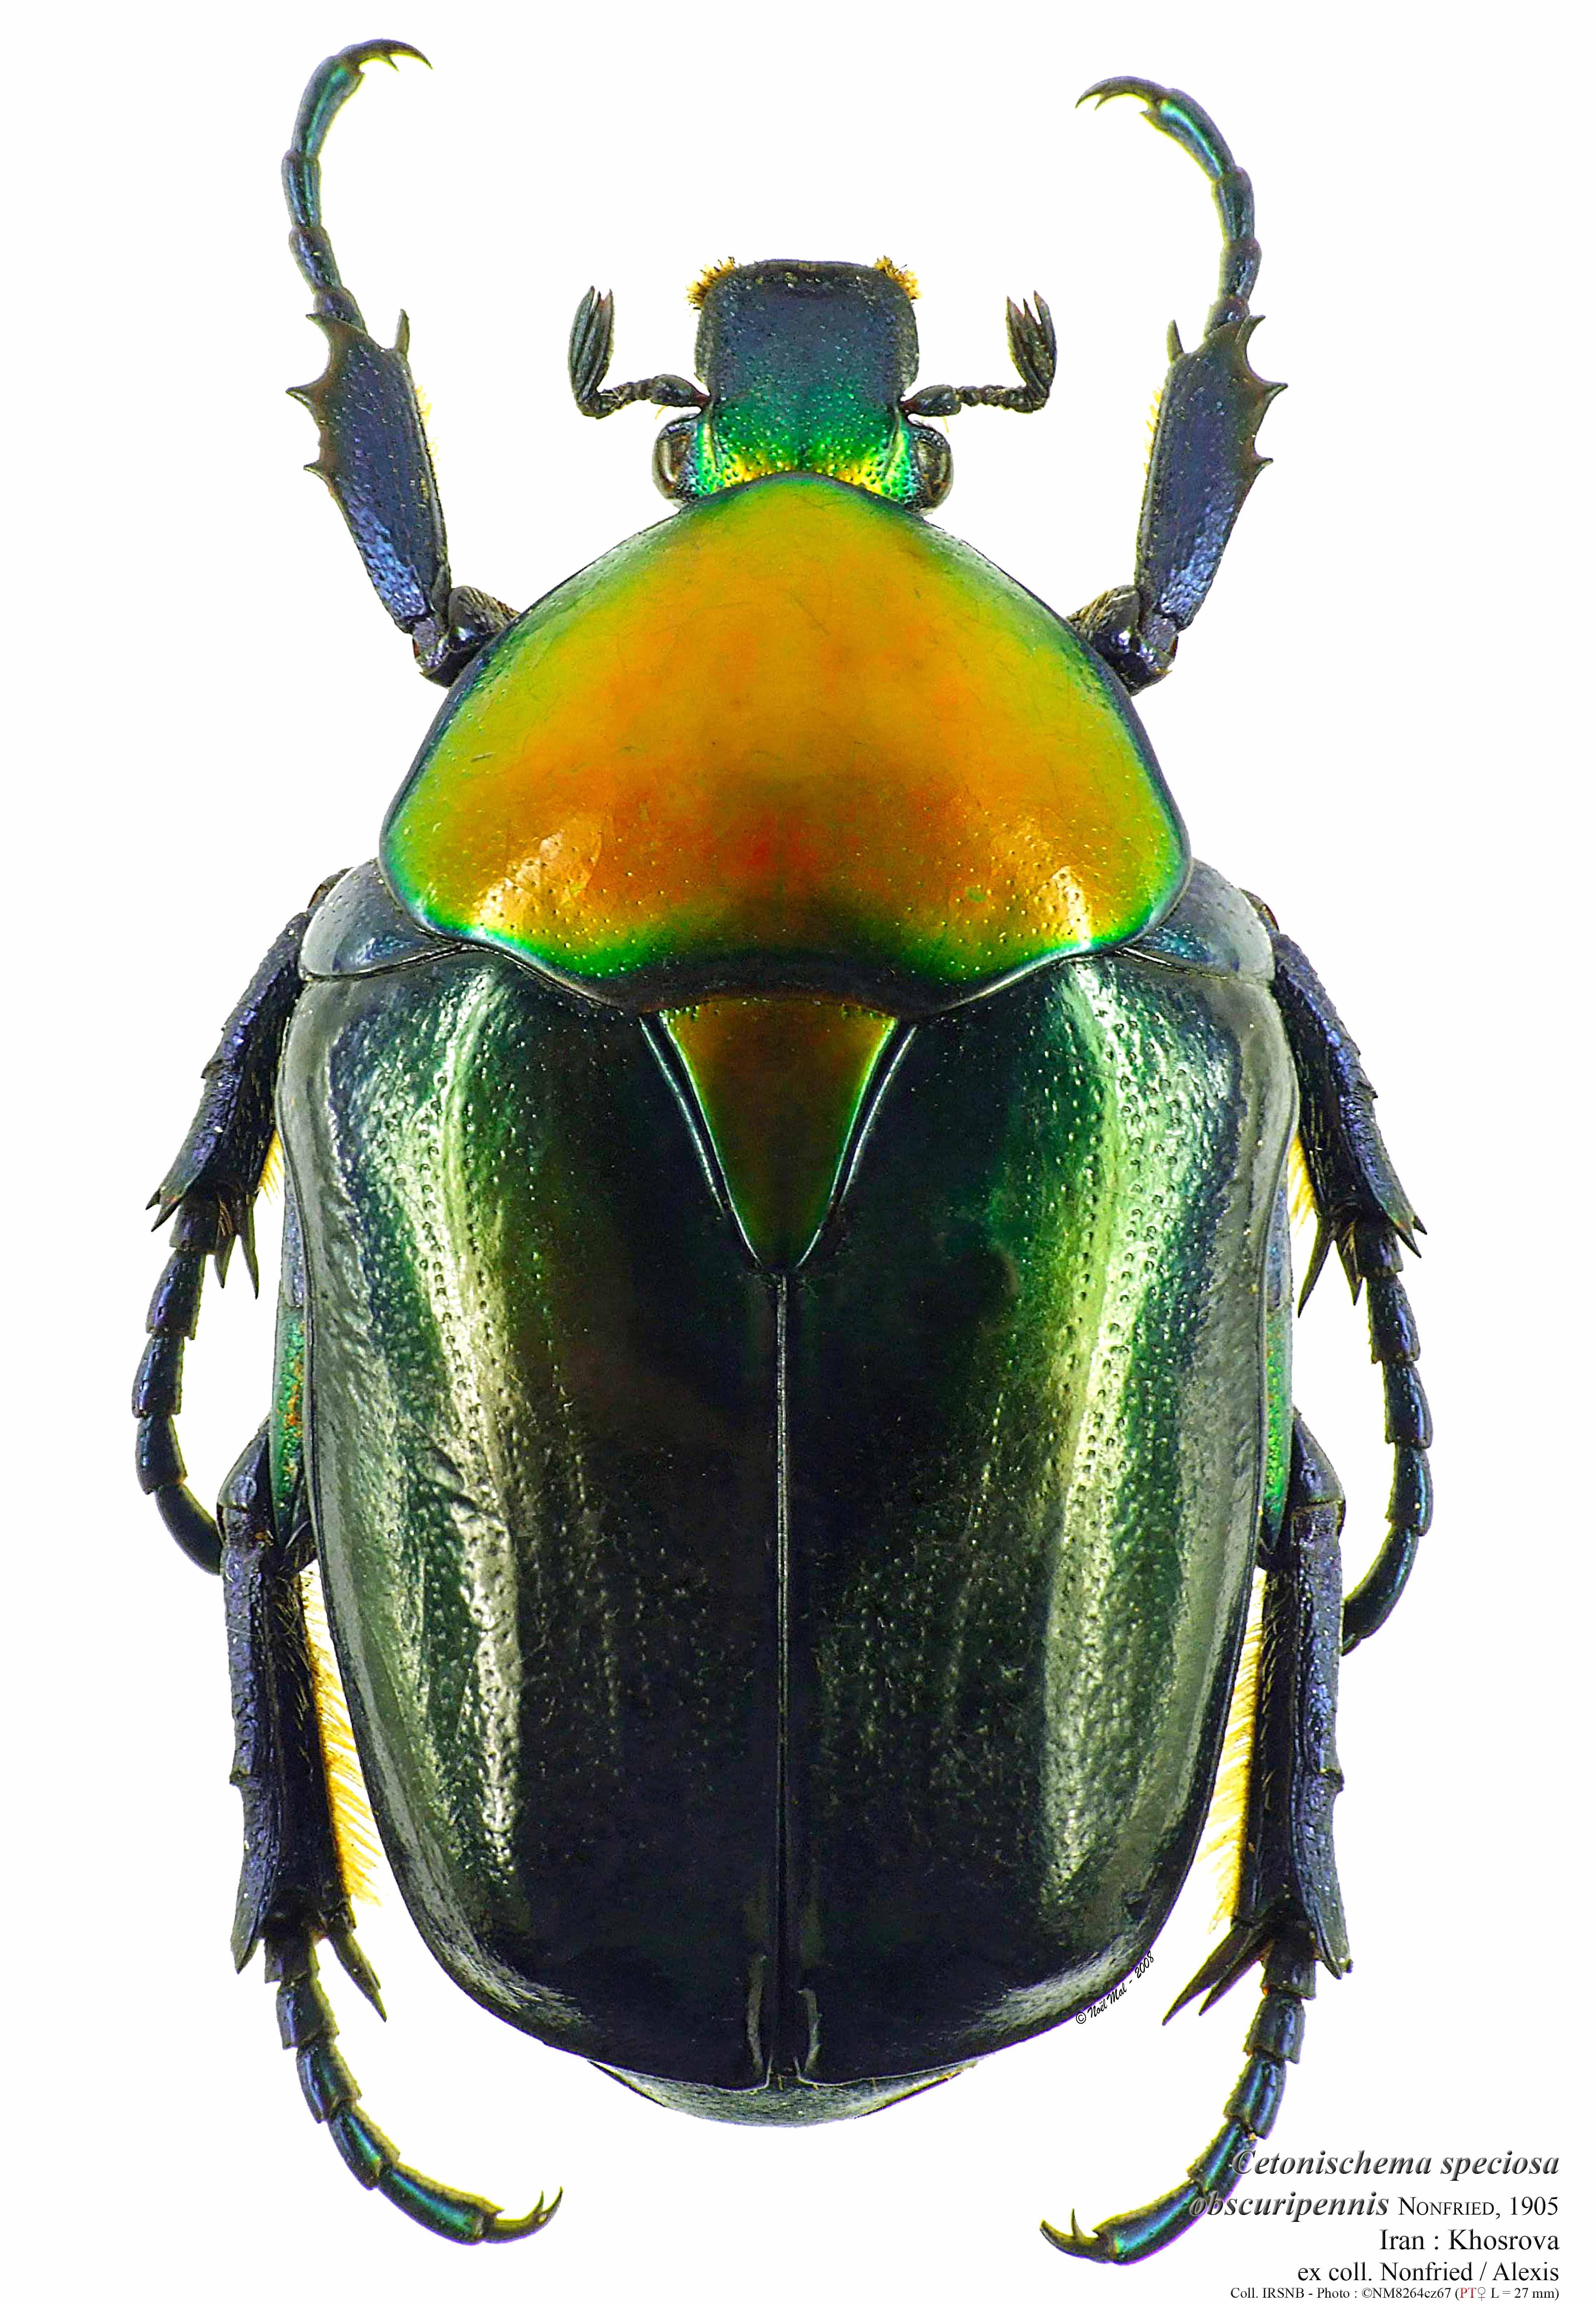 Cetonischema speciosa obscuripennis paratype.jpg